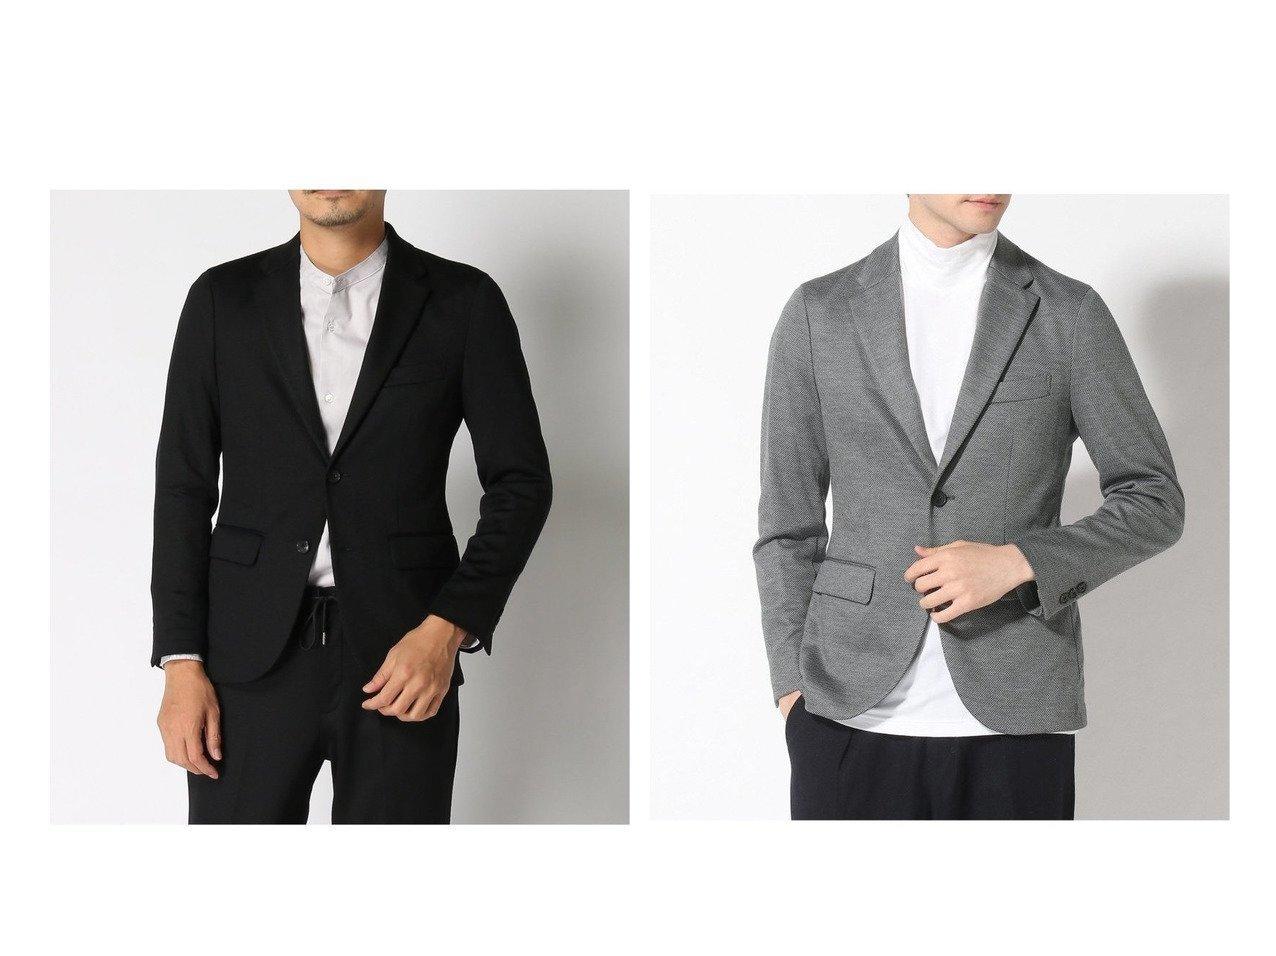 【EDIFICE / MEN/エディフィス】の120s Twジャージーセットアップ2BJK 【MEN】男性のおすすめ!人気トレンド・メンズファッションの通販 おすすめで人気の流行・トレンド、ファッションの通販商品 メンズファッション・キッズファッション・インテリア・家具・レディースファッション・服の通販 founy(ファニー) https://founy.com/ ファッション Fashion メンズファッション MEN セットアップ Setup Men ジャケット ジャージー ストレッチ スーツ セットアップ 無地  ID:crp329100000013225